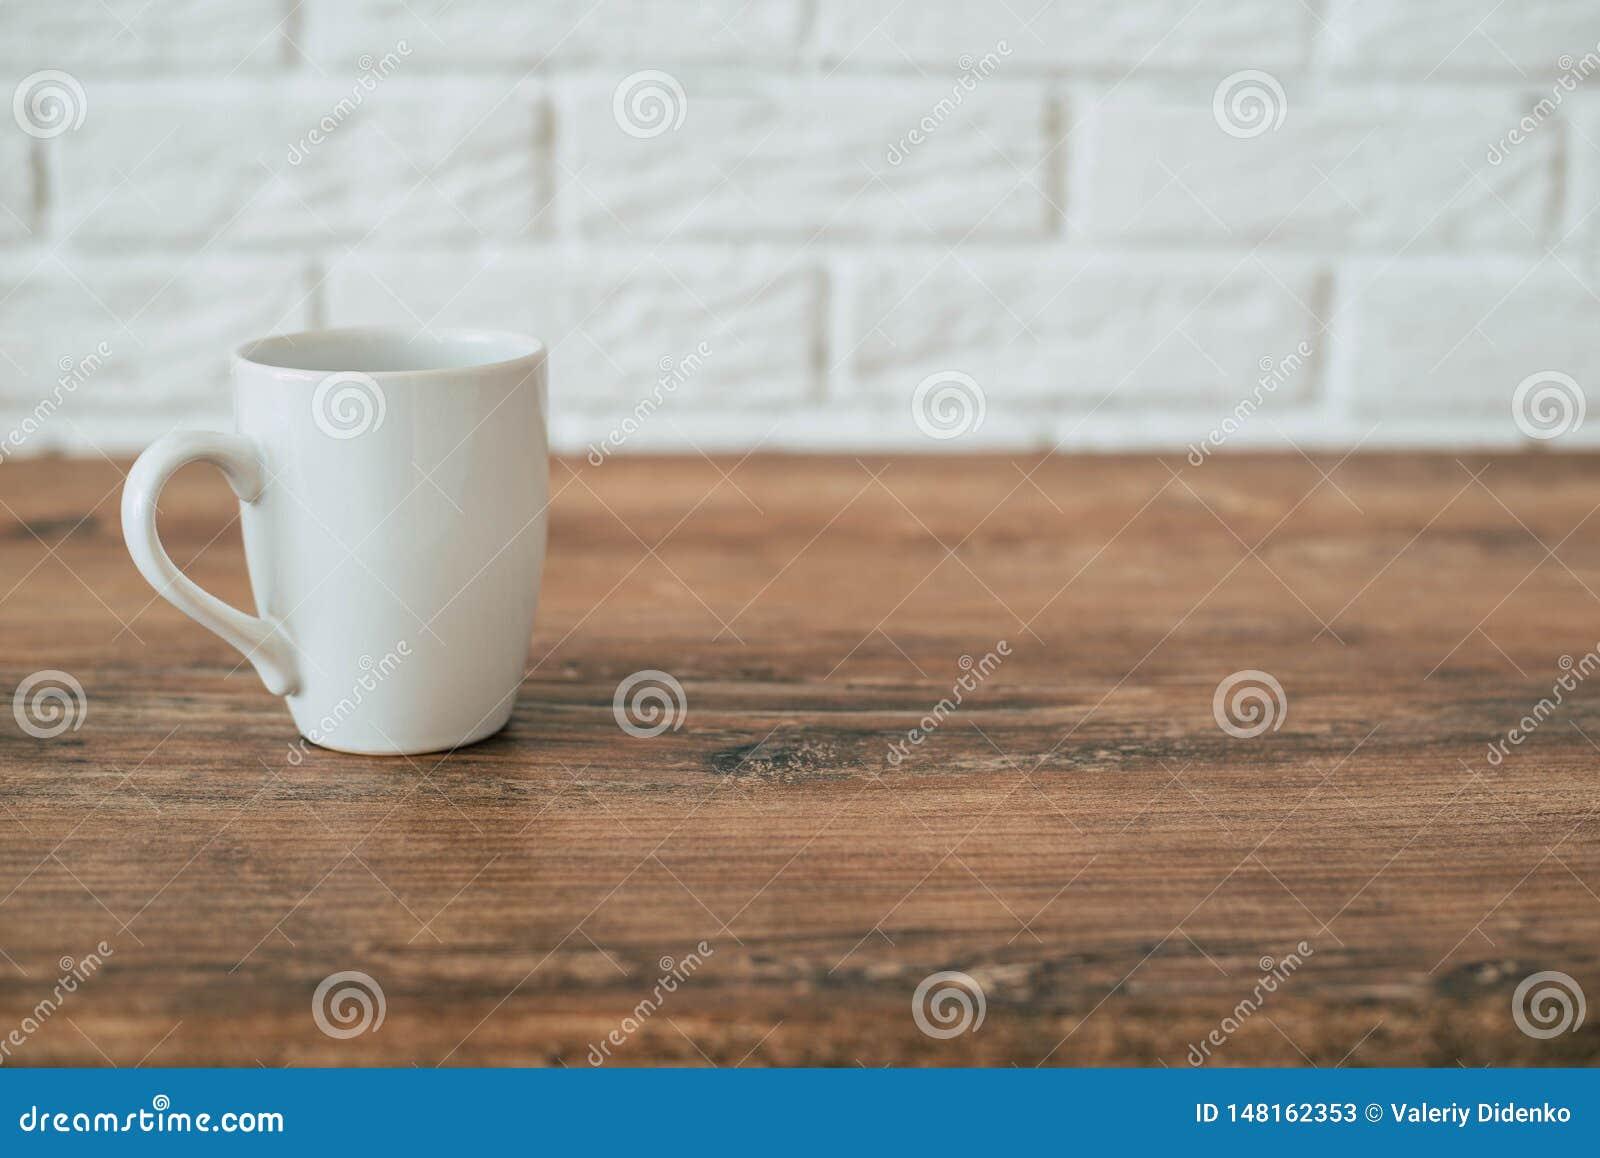 Cozinha Um copo em uma cadeira de madeira